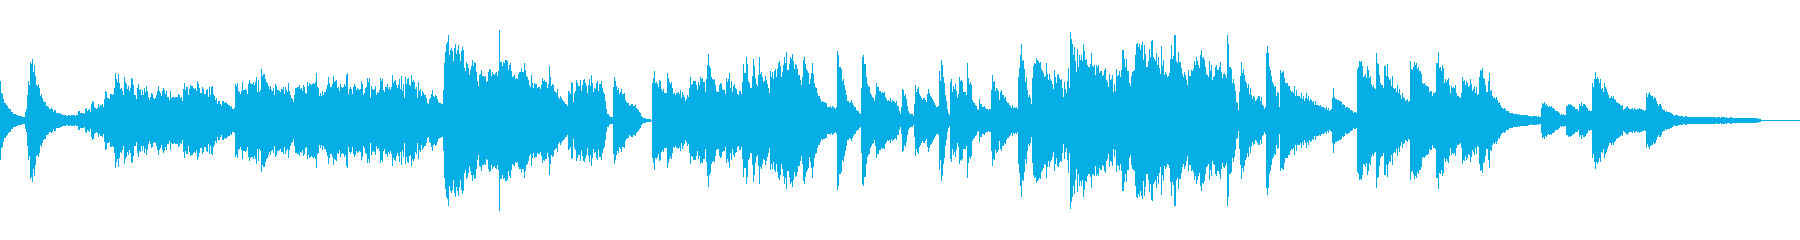 優しくミステリアスなソロジャズピアノの再生済みの波形